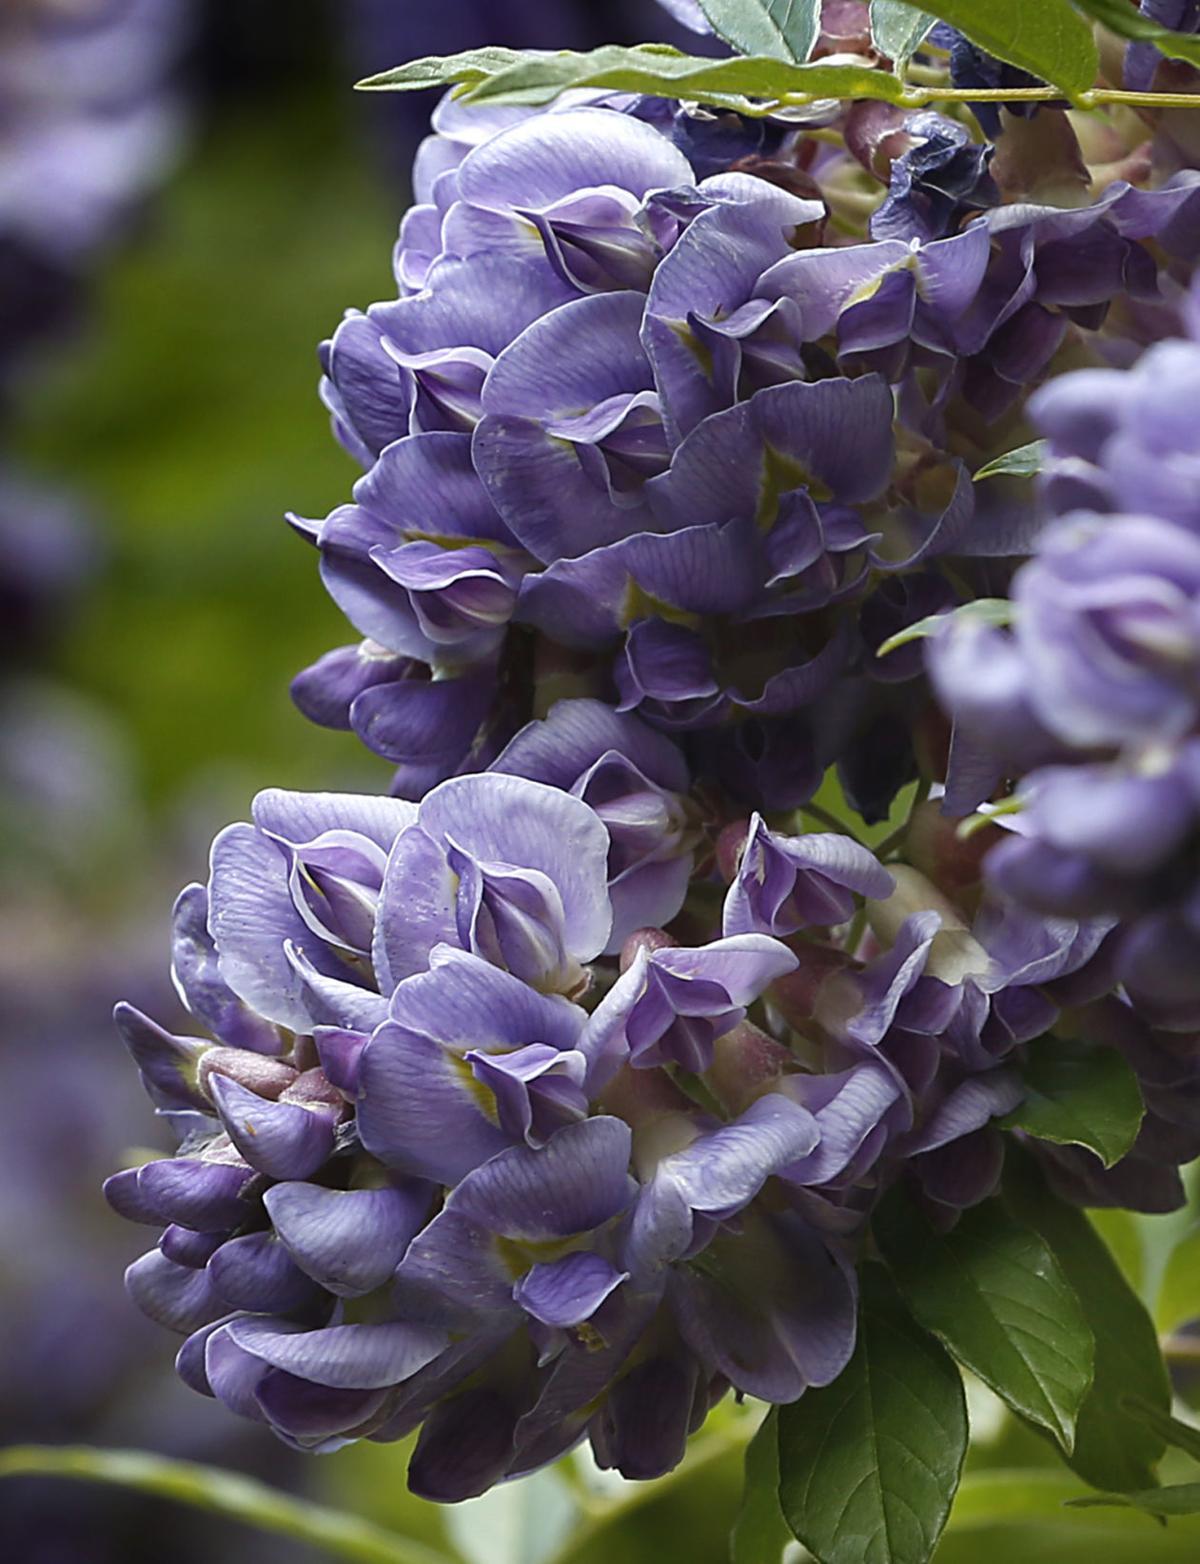 20200510_MET_FLOWERS_AWE01